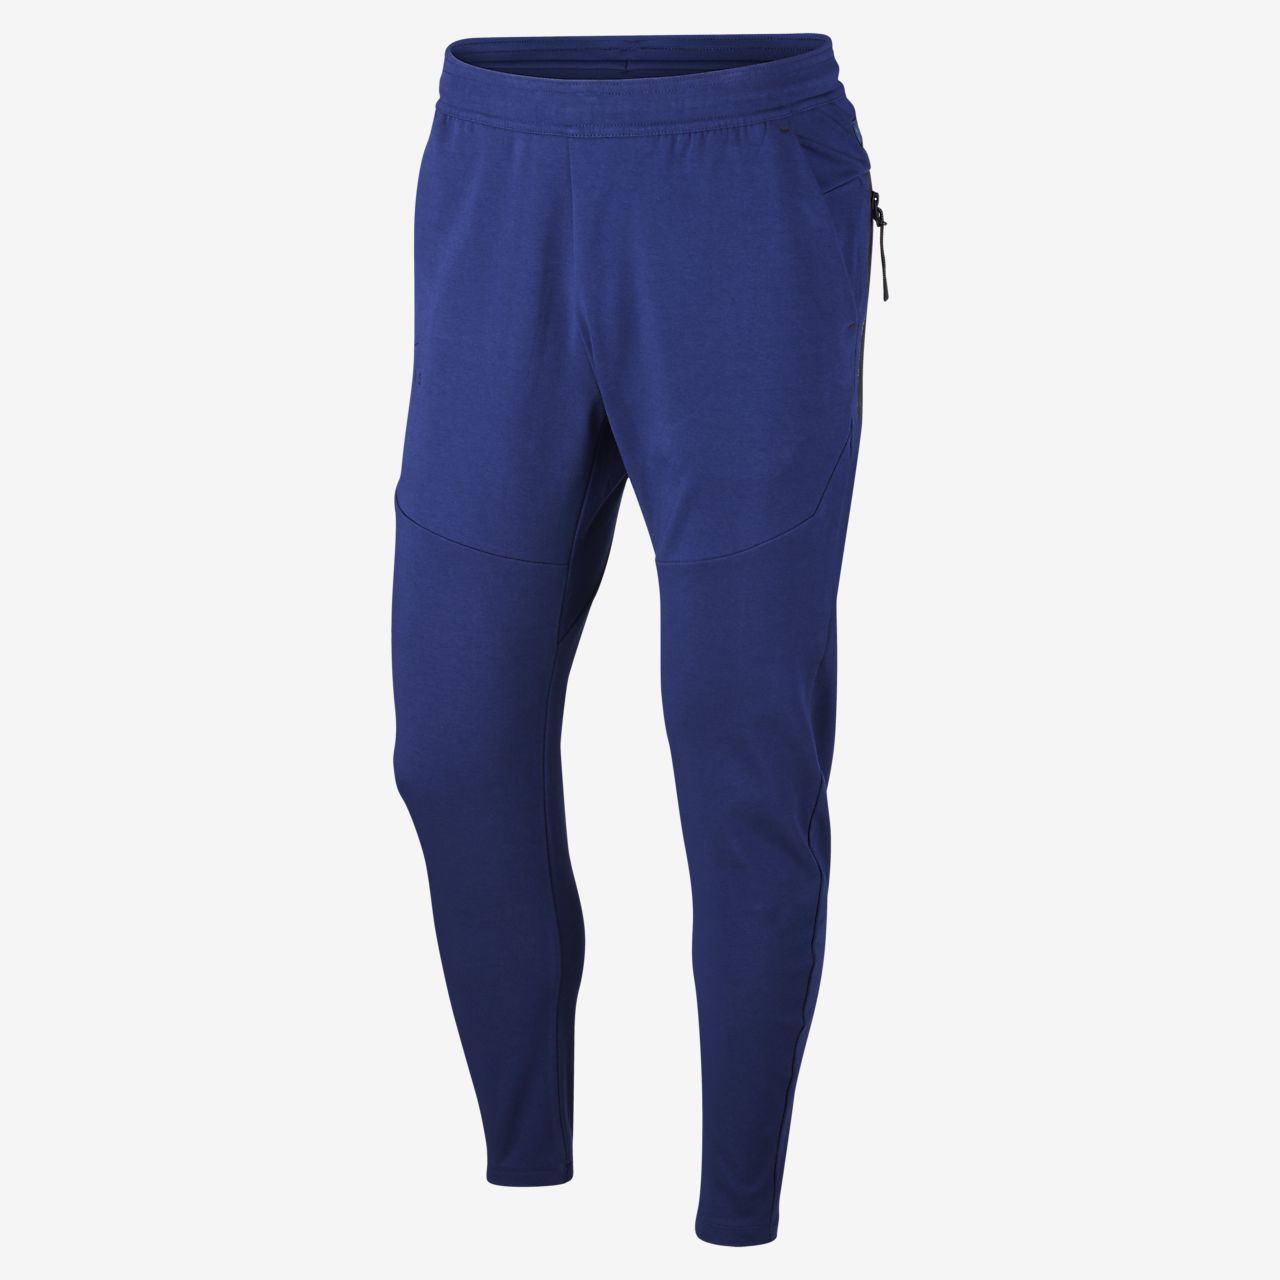 Pantaloni Tottenham Hotspur Tech Pack - Uomo